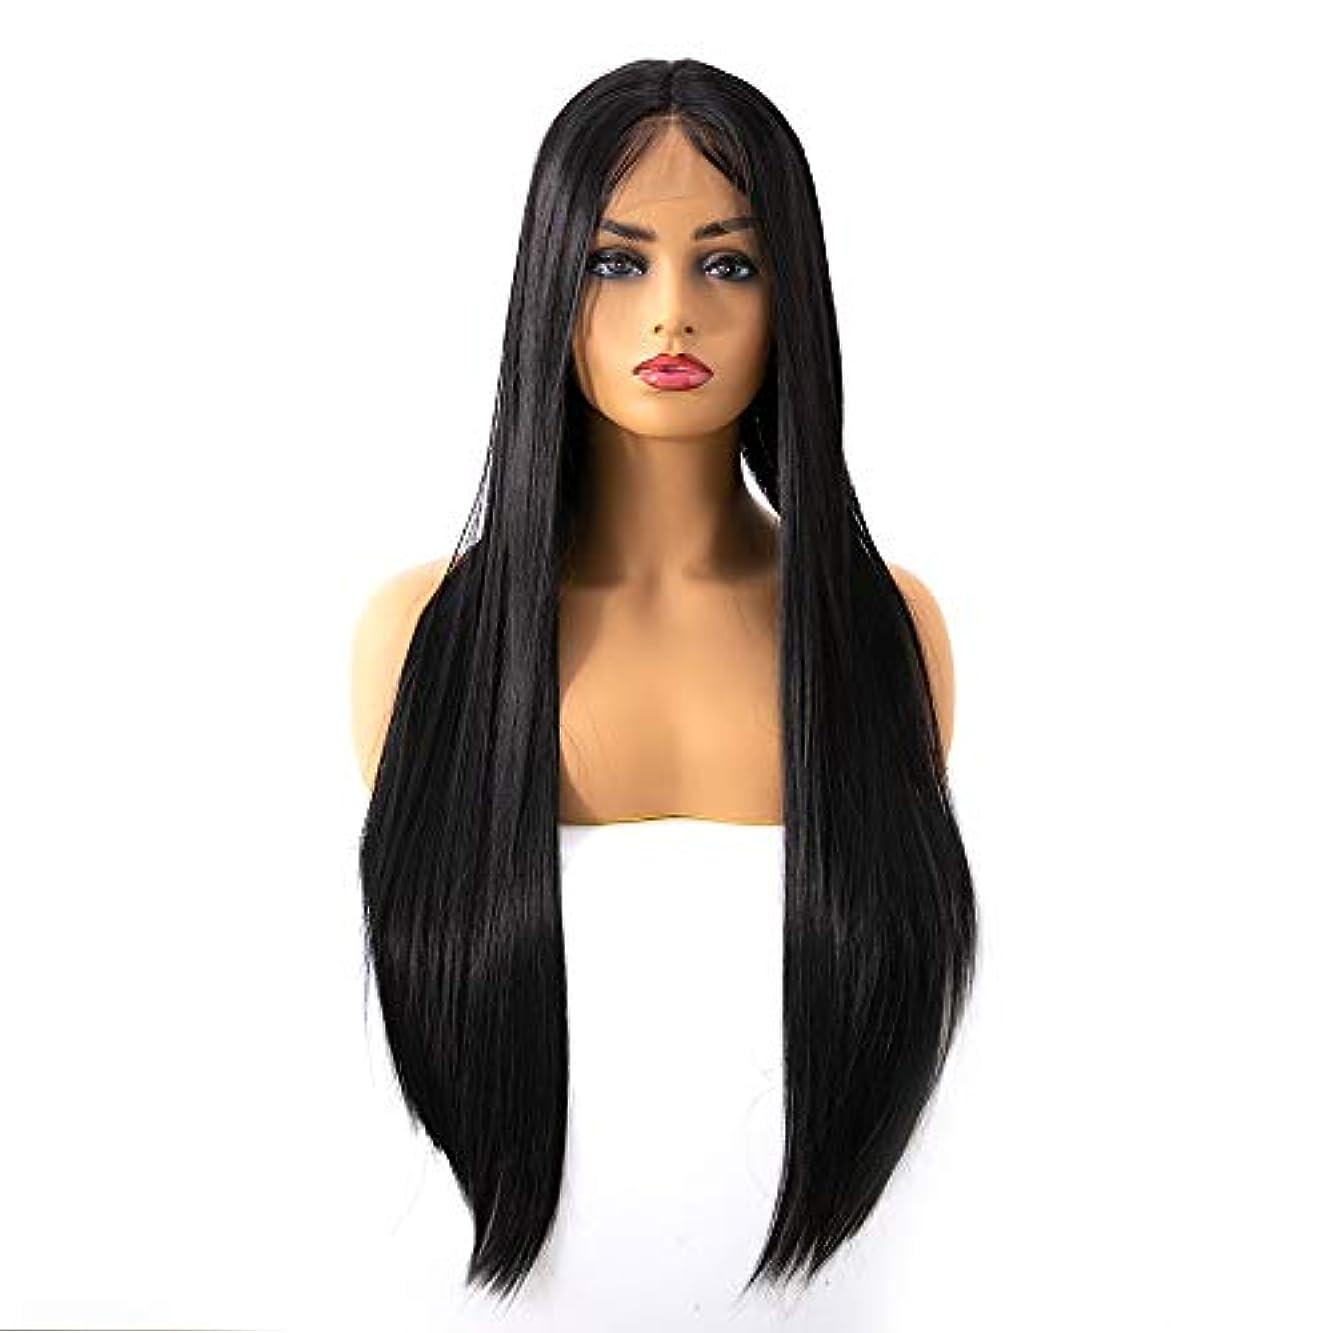 女性用ロングナチュラルストレートヘアウィッグレースフロントウィッグ人工毛置換ウィッグ中間別れハロウィンコスプレ衣装アニメパーティーウィッグ (Size : 20Inch)